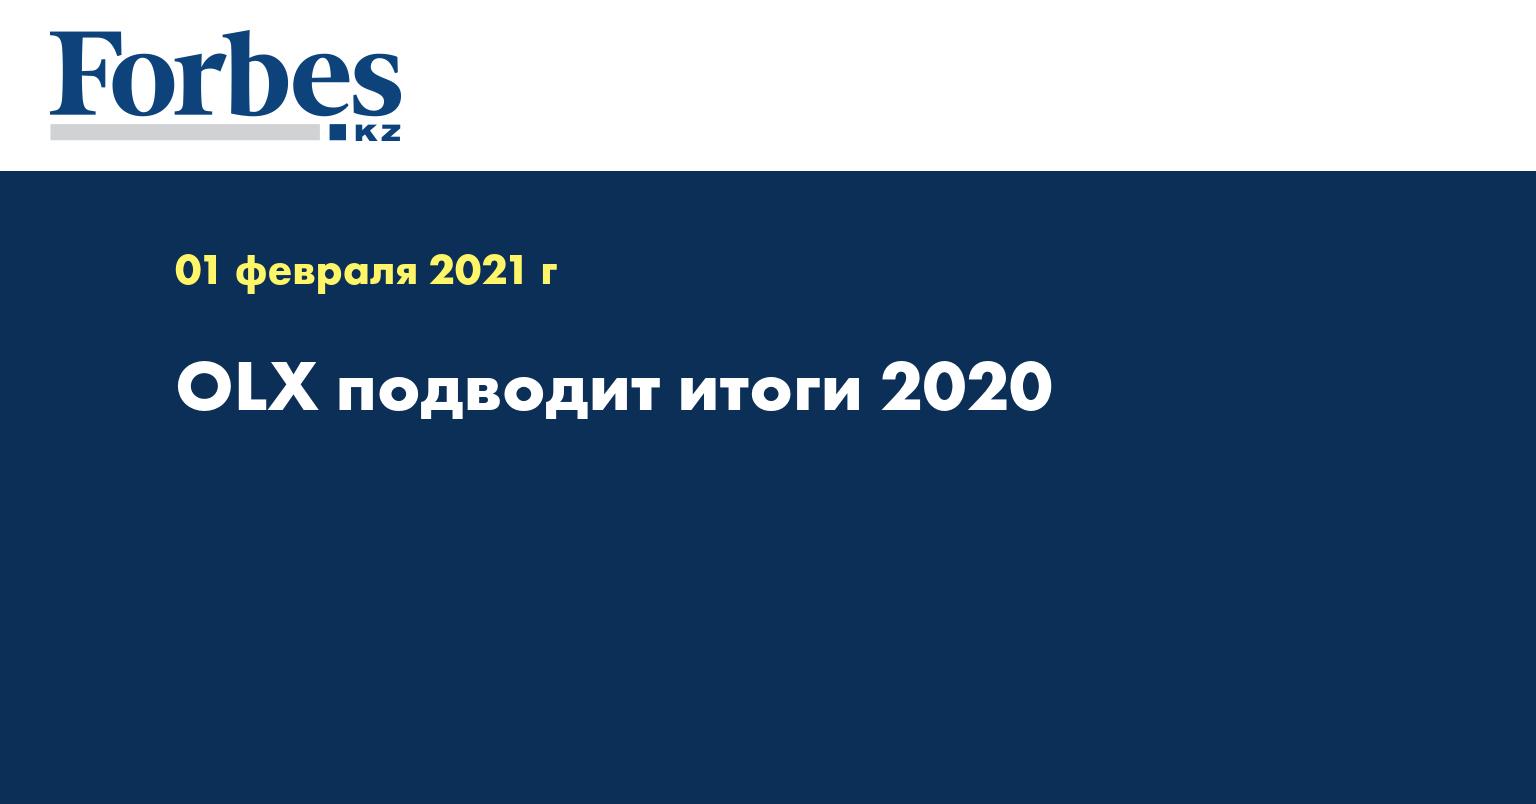 OLX подводит итоги 2020